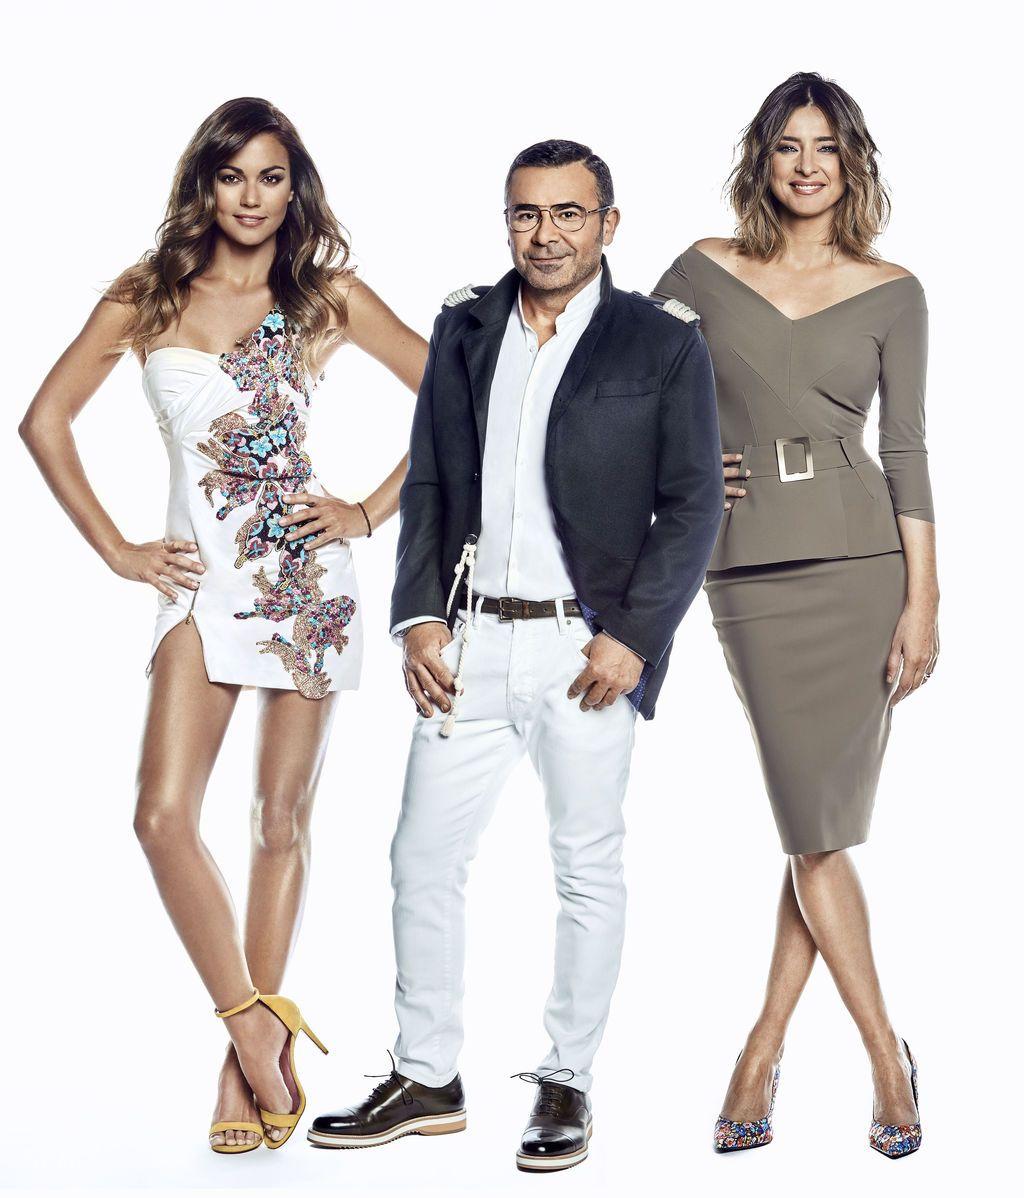 Jorge Javier, Sandra Barneda y Lara Álvarez: Los presentadores de 'SV' ya están preparados